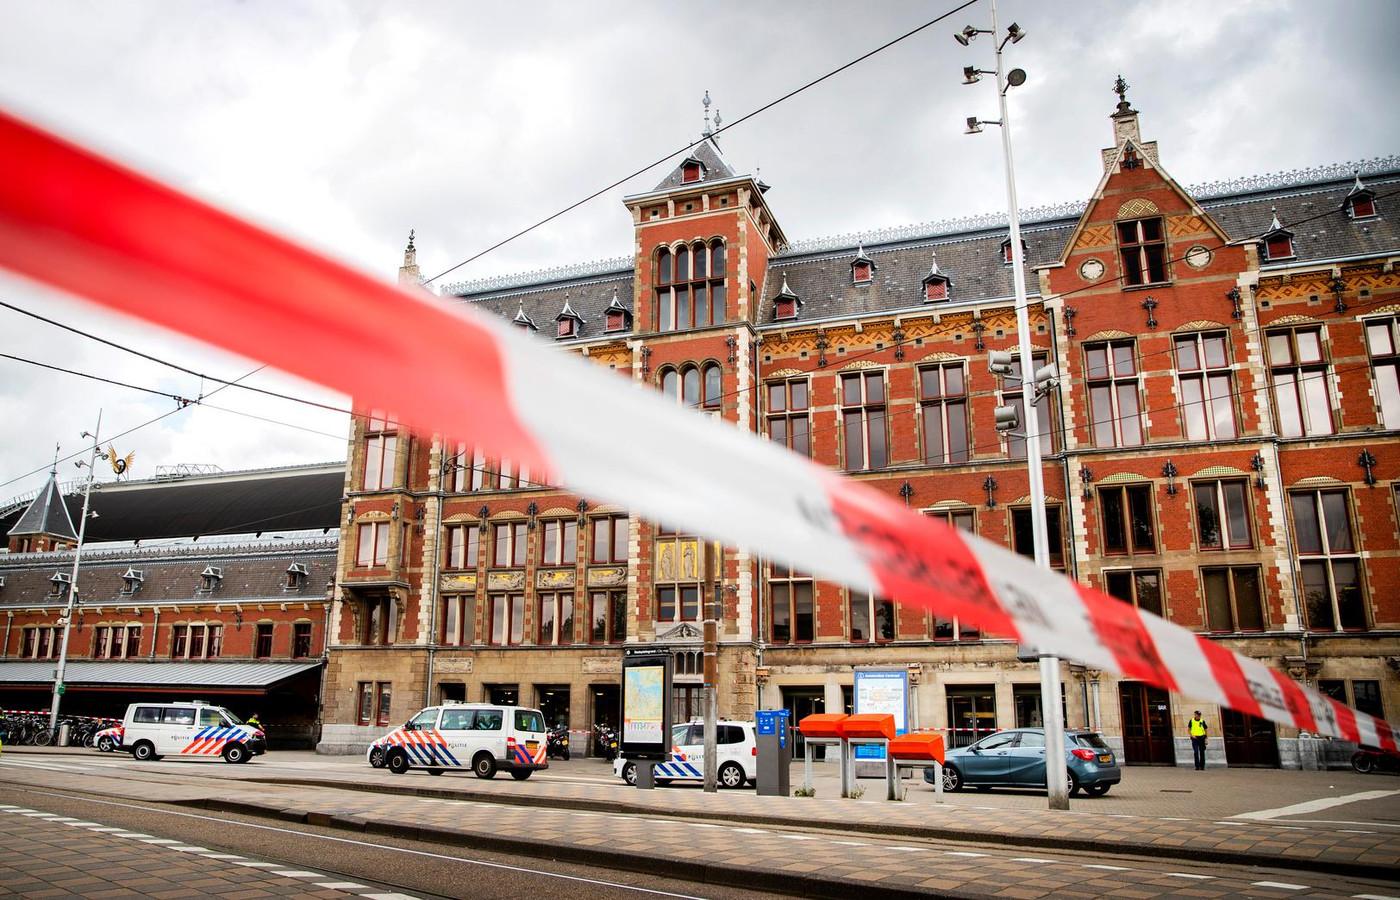 De politie heeft op station Amsterdam Centraal een verdachte neergeschoten die betrokken was bij een steekincident.